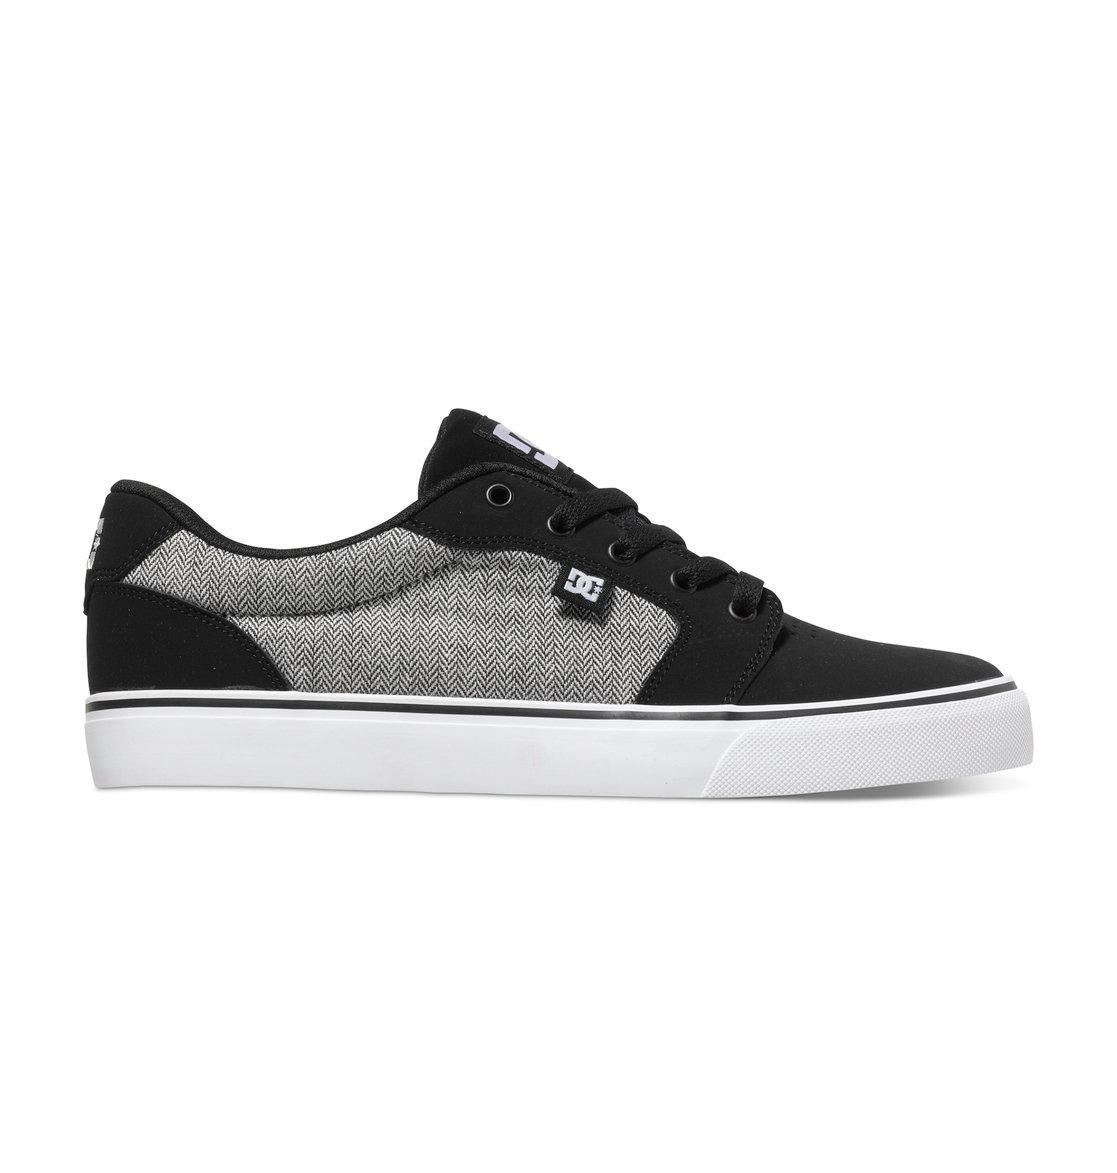 DC Shoes Anvil(Men's) -Cabernet